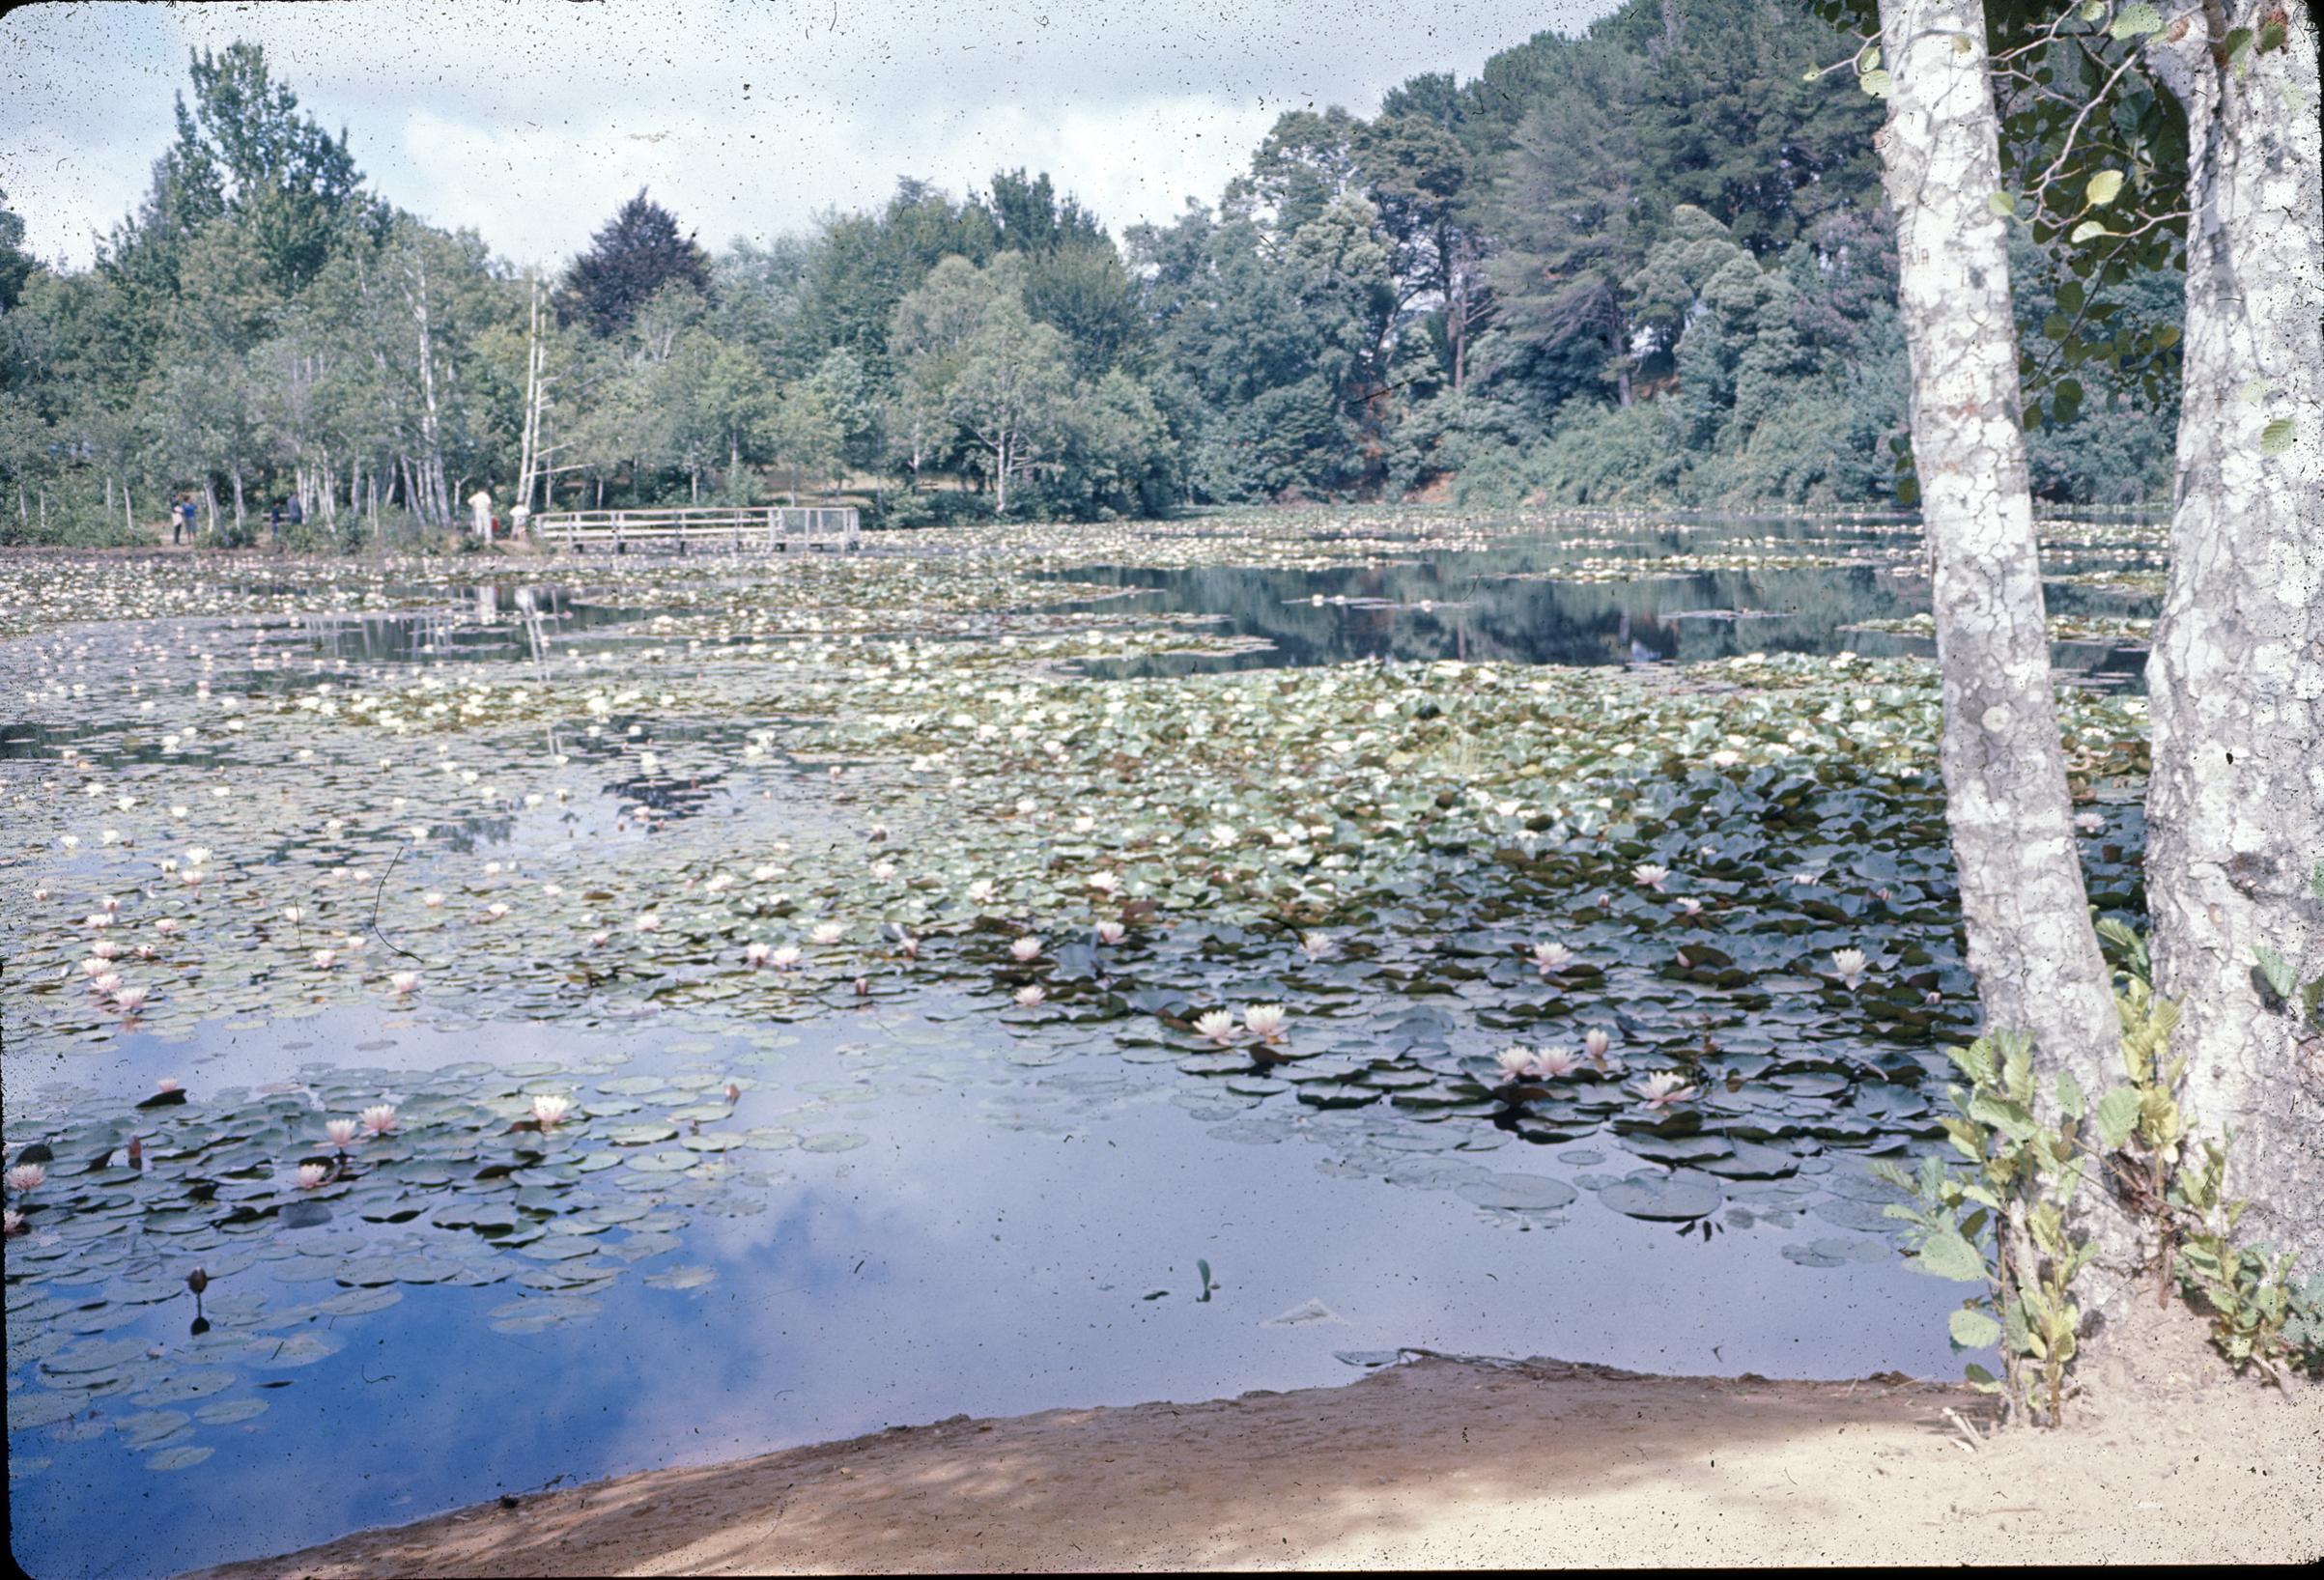 Enterreno - Fotos históricas de chile - fotos antiguas de Chile - Laguna de la flor del Loto, Parque Saval, Valdivia 1960